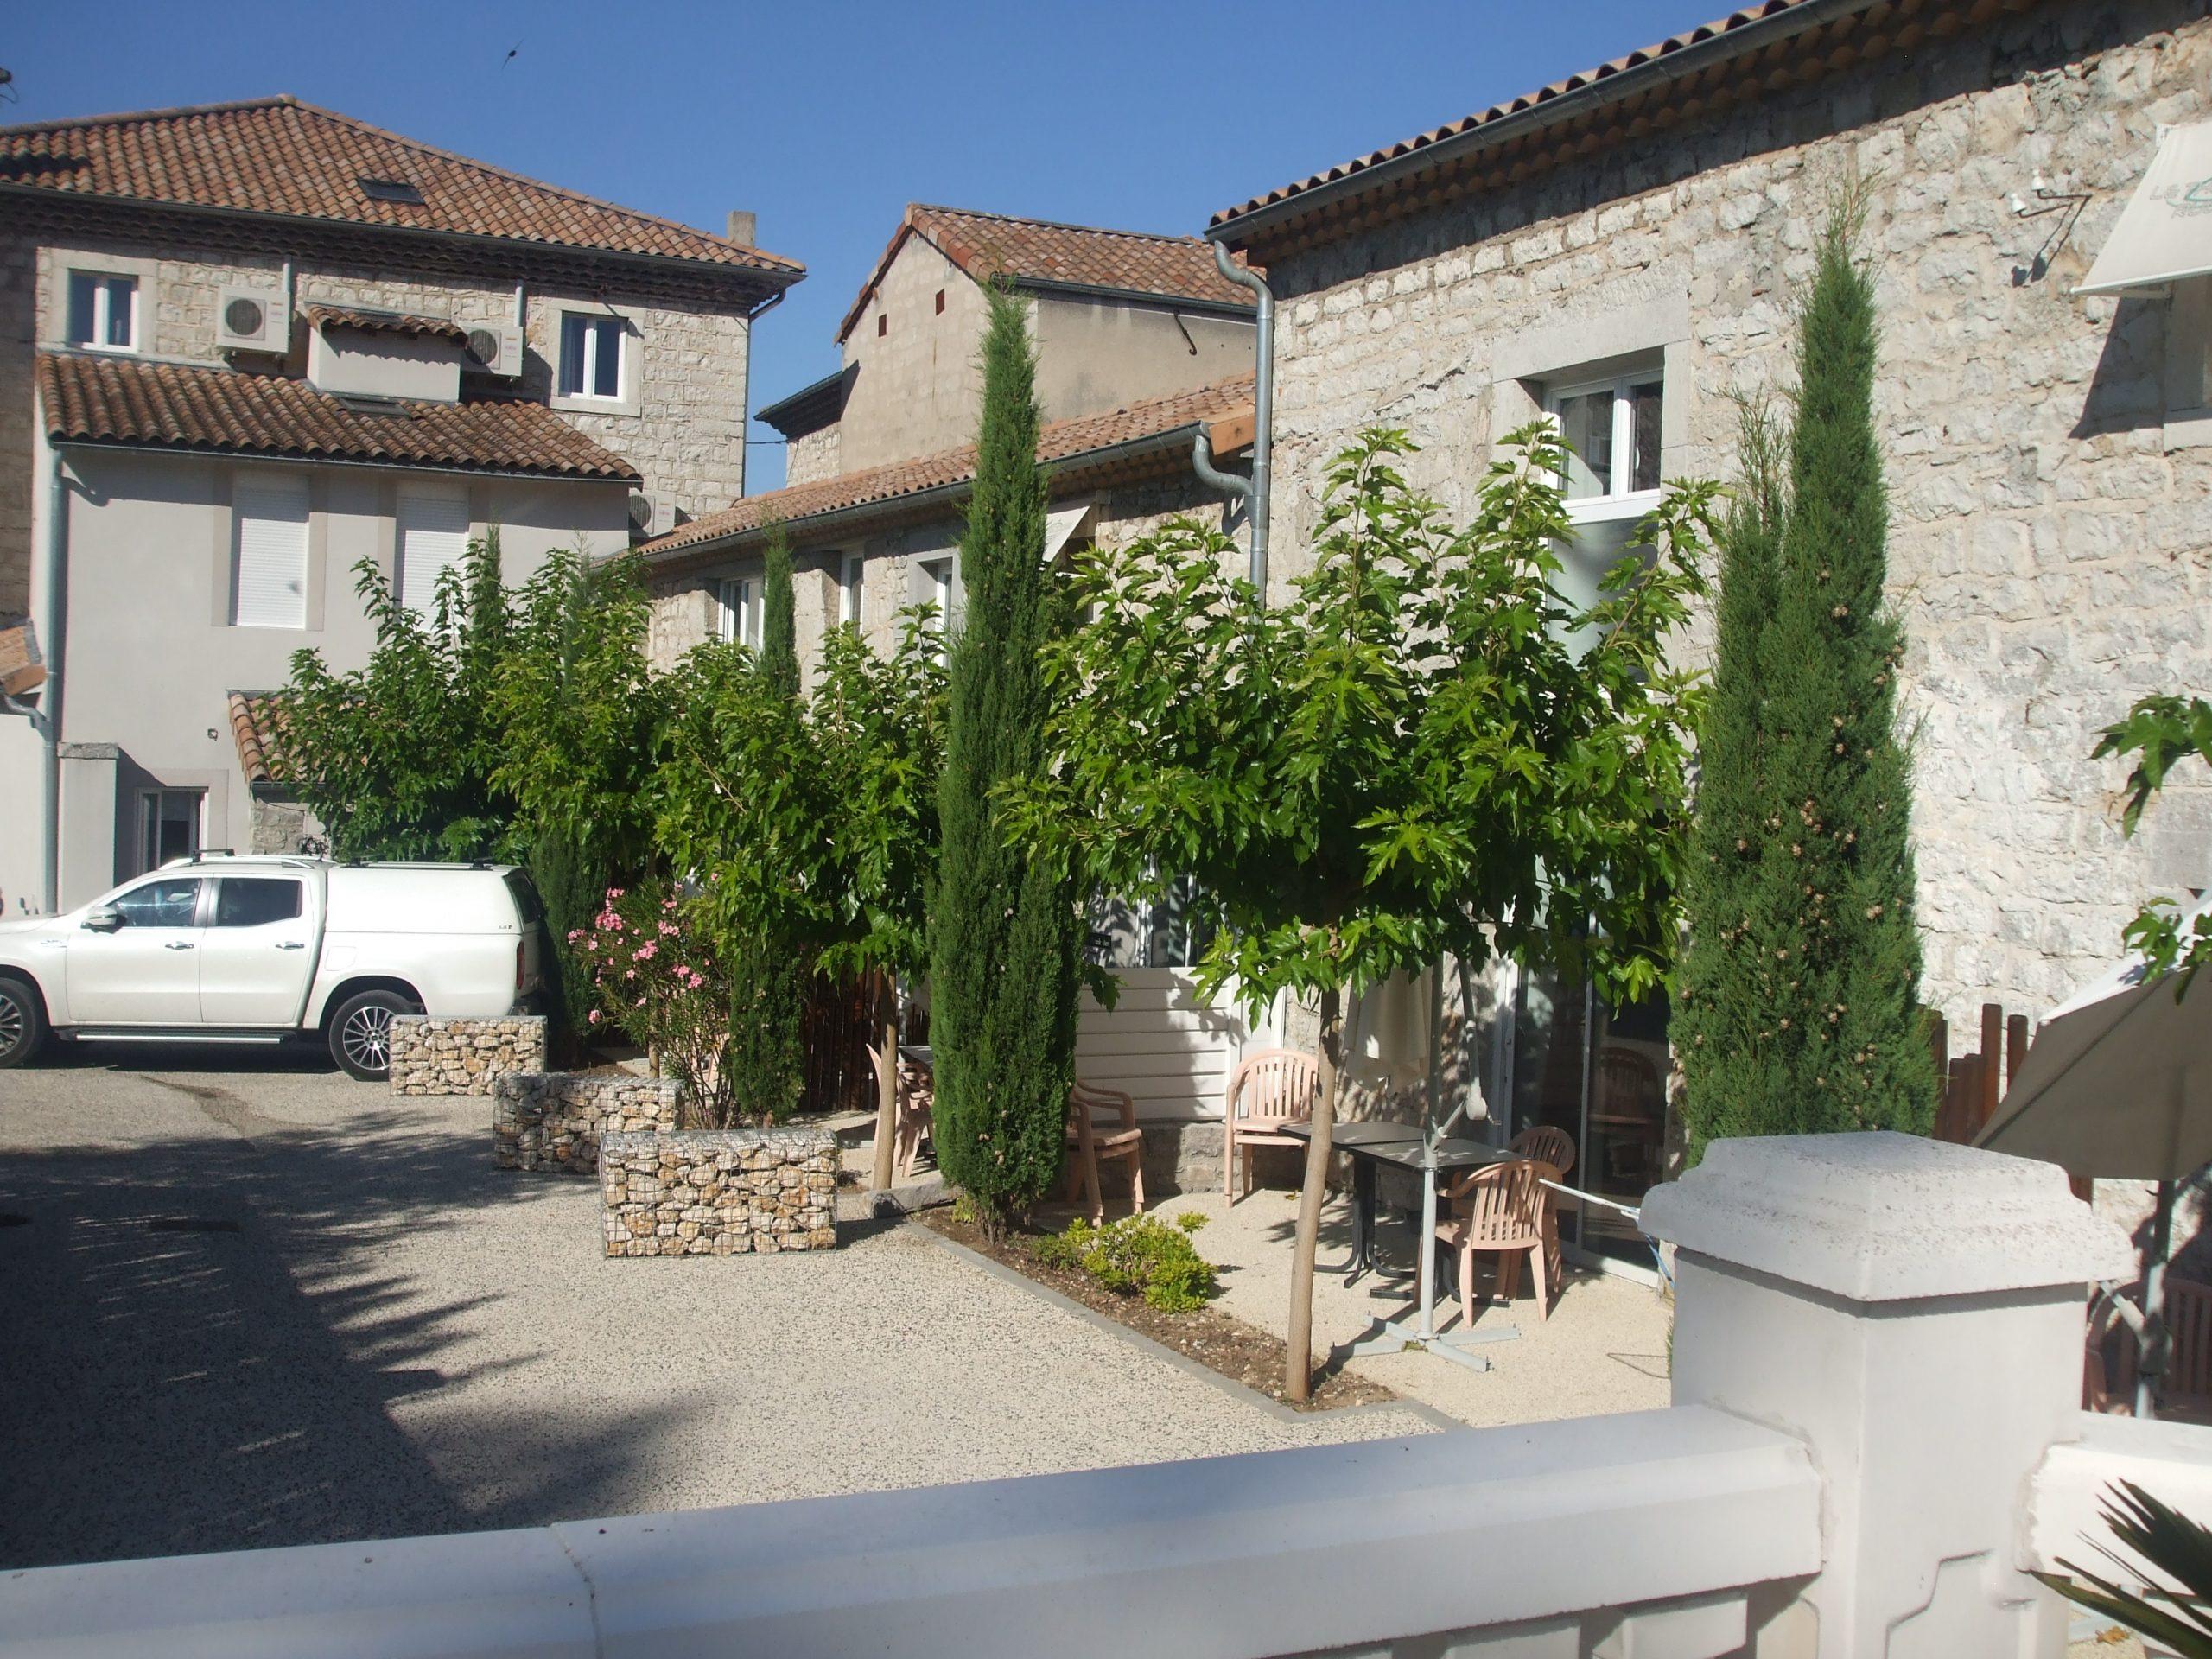 Murs et Fonds Hôtel/Restaurant avec licence IV, proche Vallon Pont d'Arc